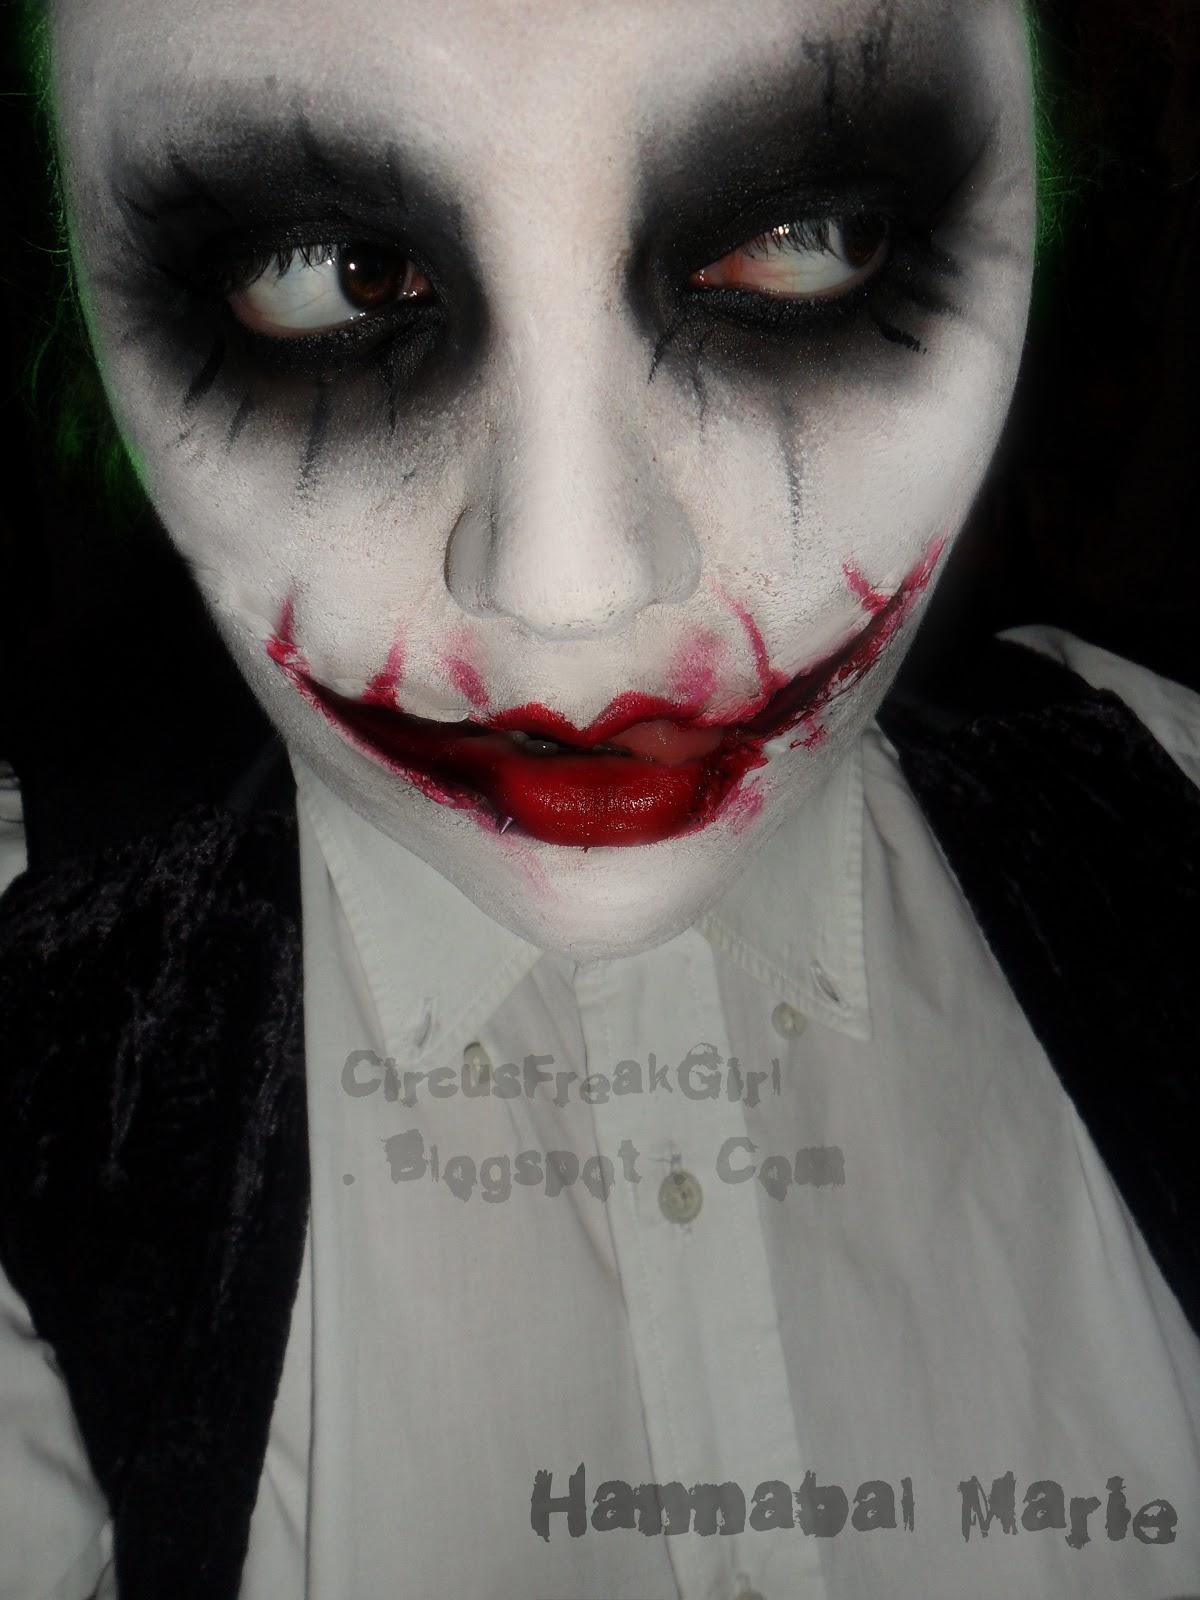 http://3.bp.blogspot.com/-zkobhXnfOls/T4td8xZg8fI/AAAAAAAAA00/83DahNdb2mo/s1600/SAM_5097.JPG